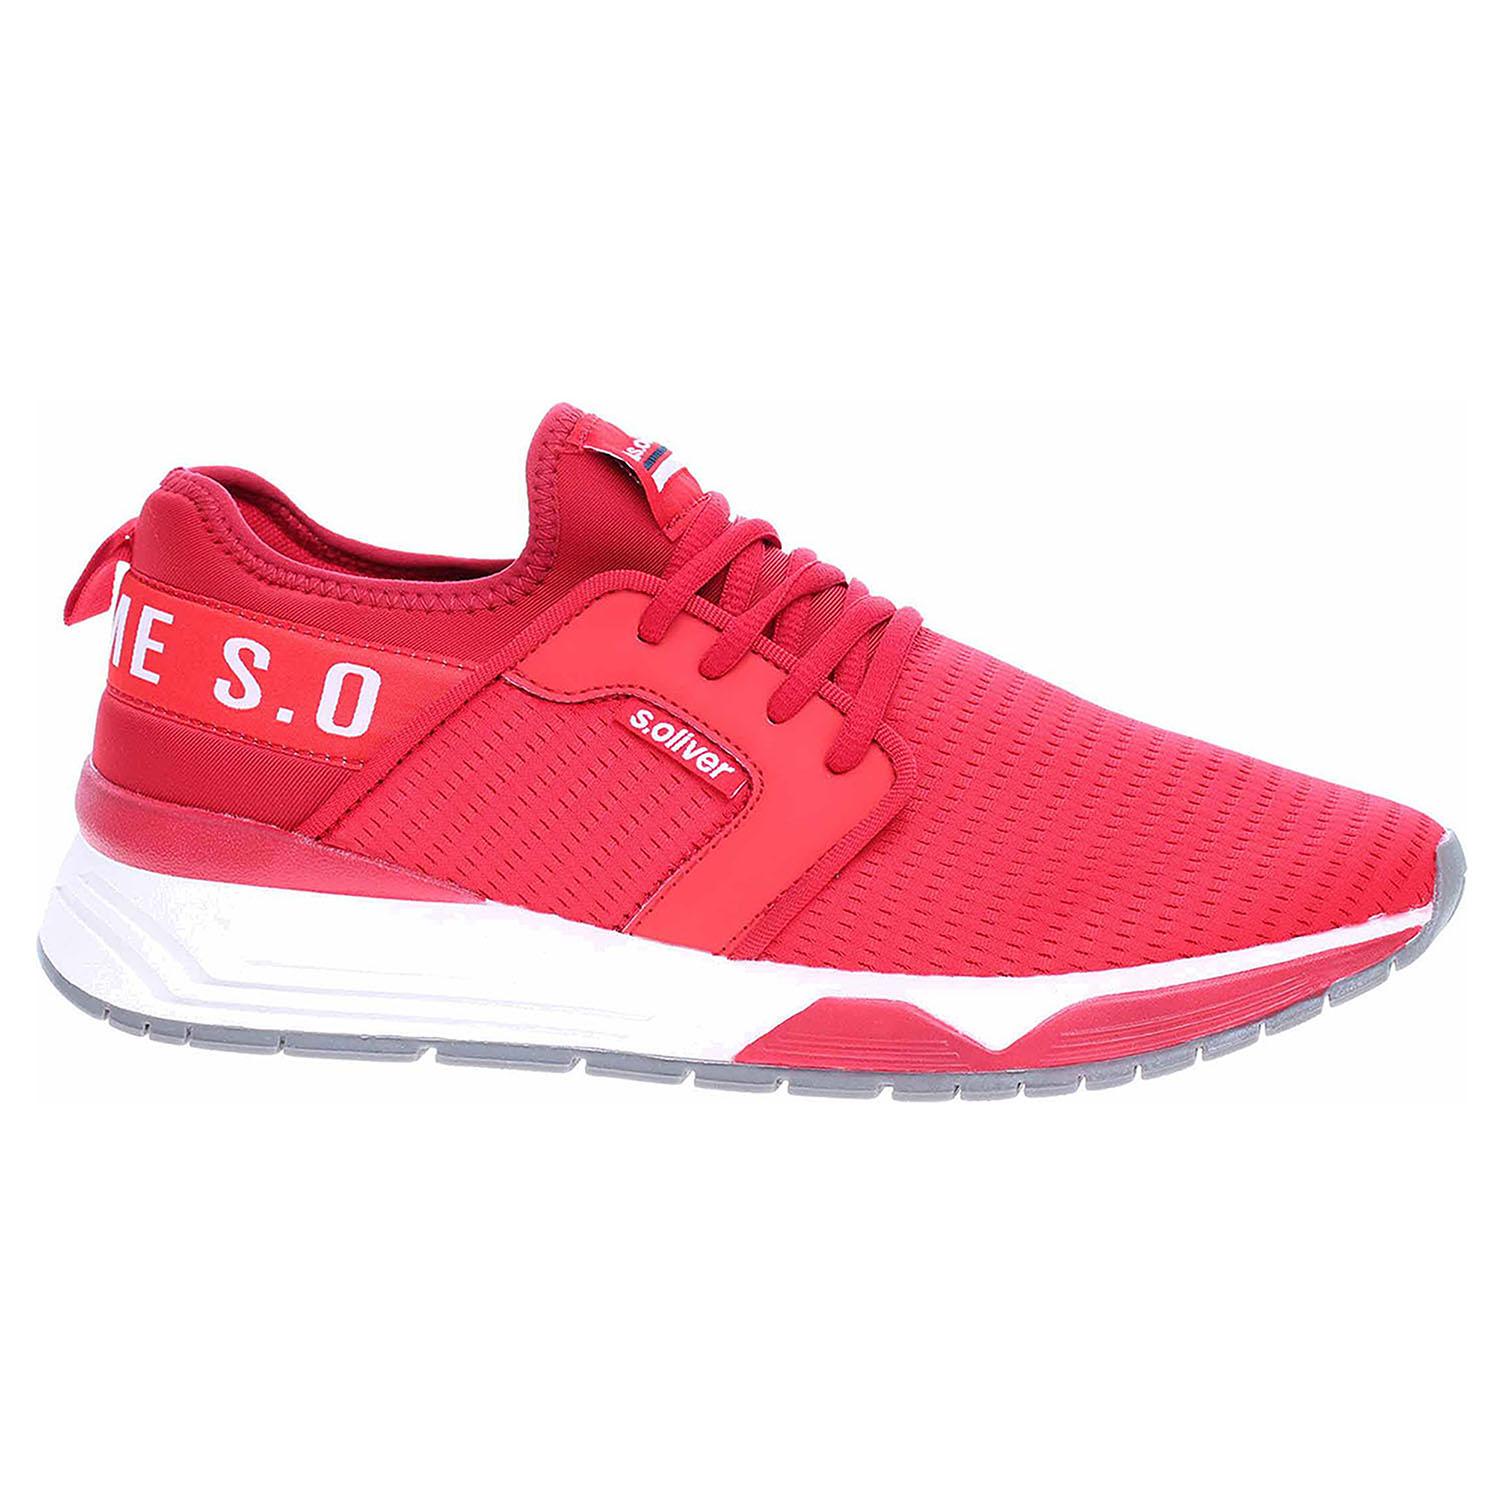 Pánská obuv s.Oliver 5-13639-24 red 5-5-13639-24 500 42